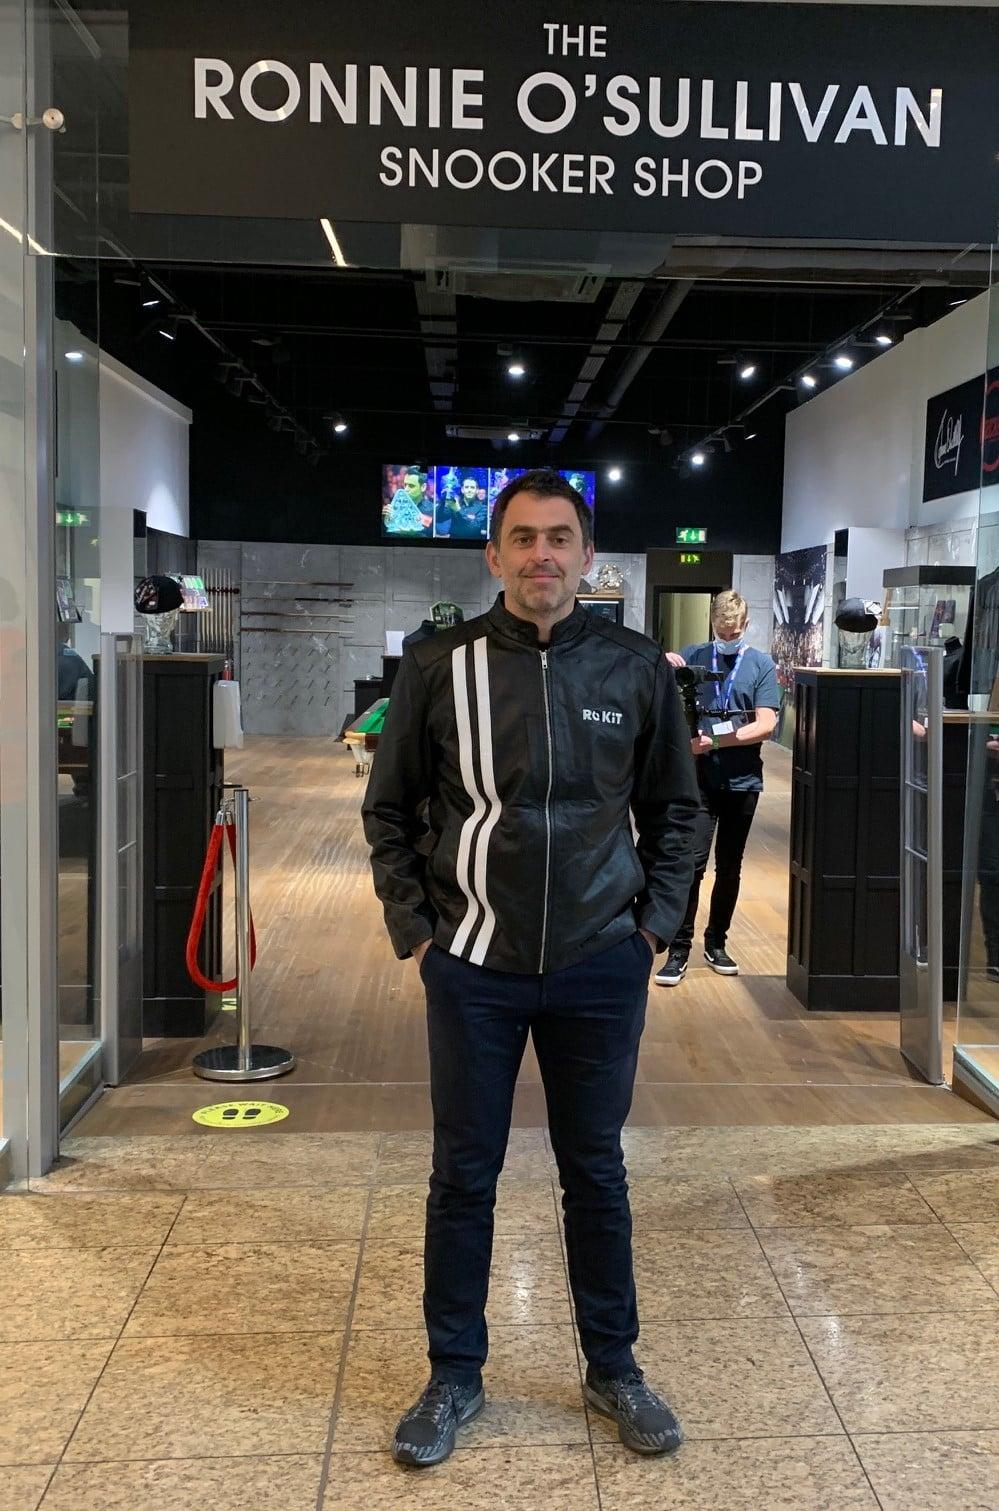 Ronnie O'Sullivan va avea propriul magazin în București?! Ce planuri are legendarul jucător de snooker. Exclusiv